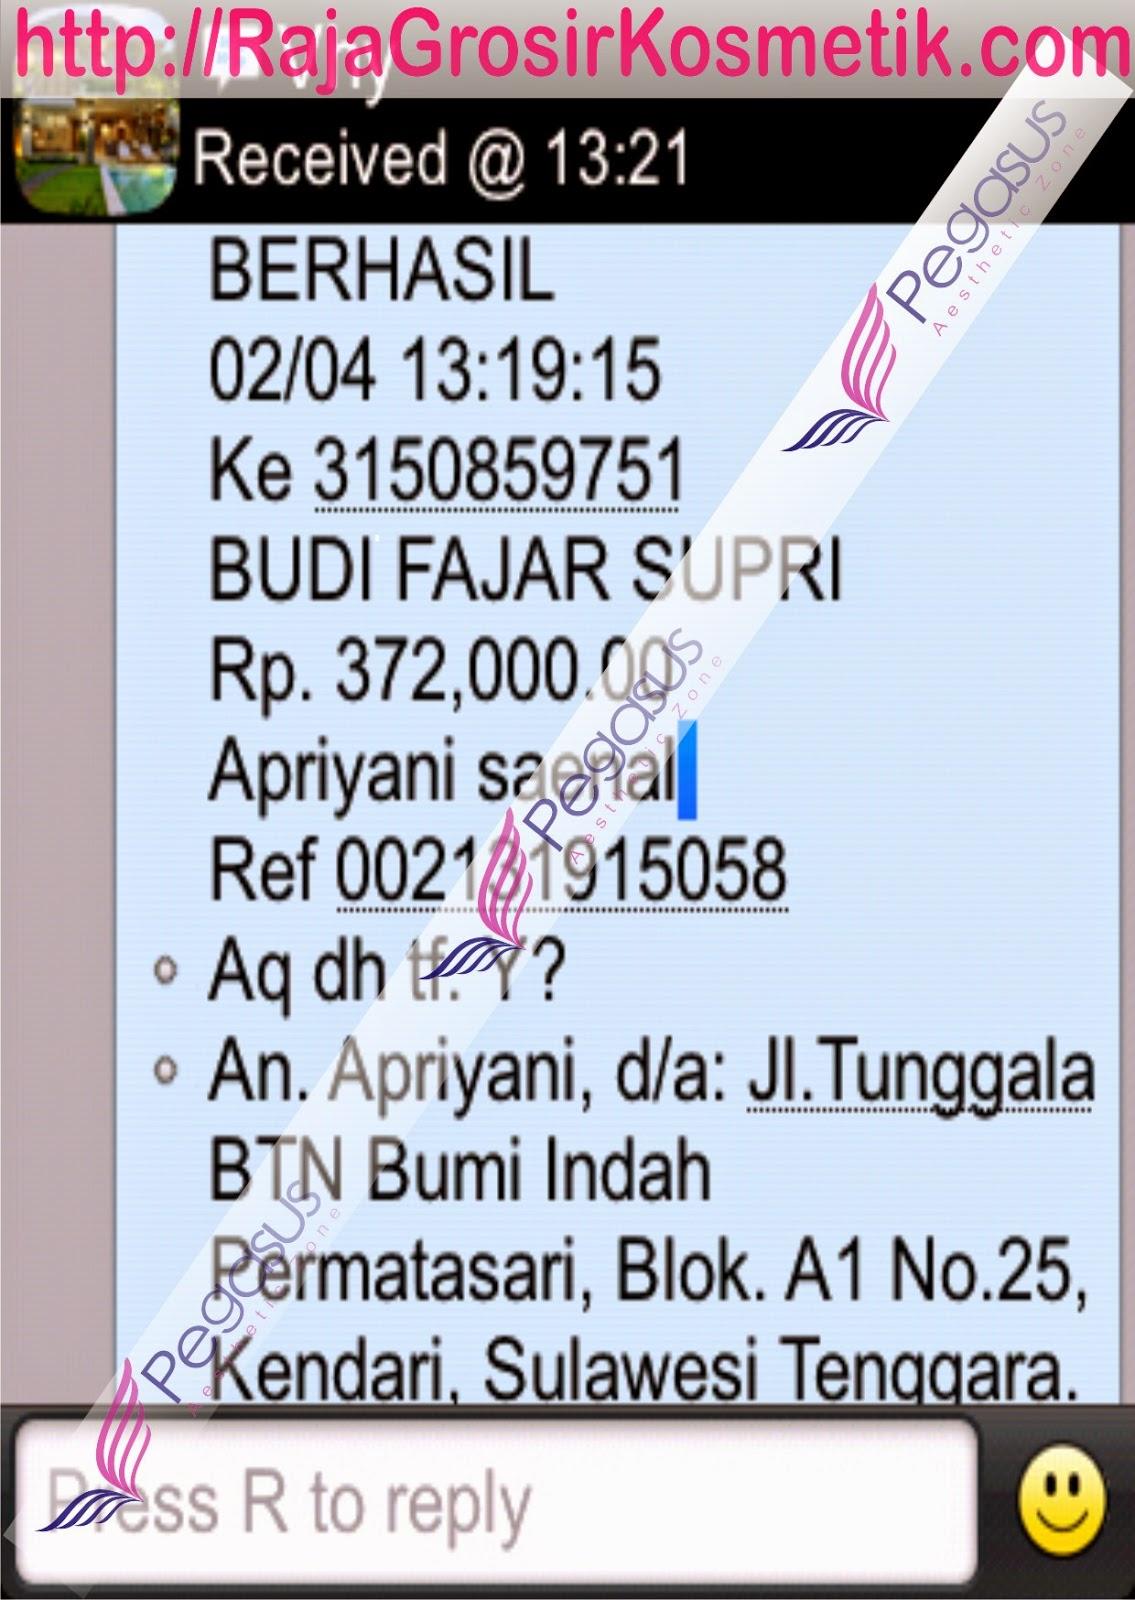 Grosir Sepatu Bordir Murah, Sepatu Korea Online, Sepatu Korea Anak, +62.8564.993.7987